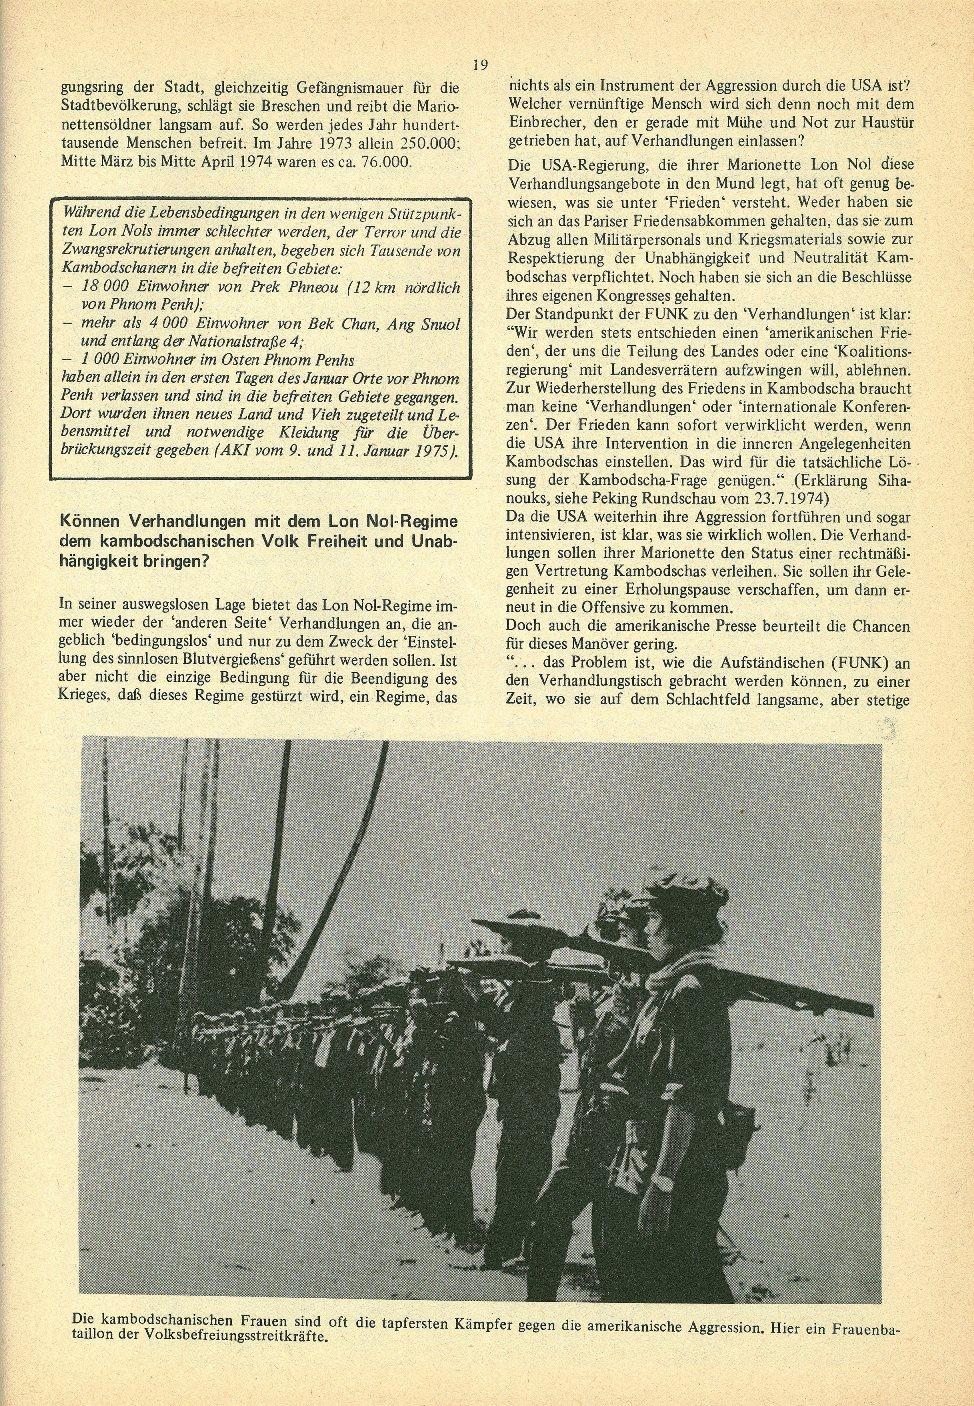 Kambodscha_1974_Das_Volk_besiegt_den_Imperialismus019